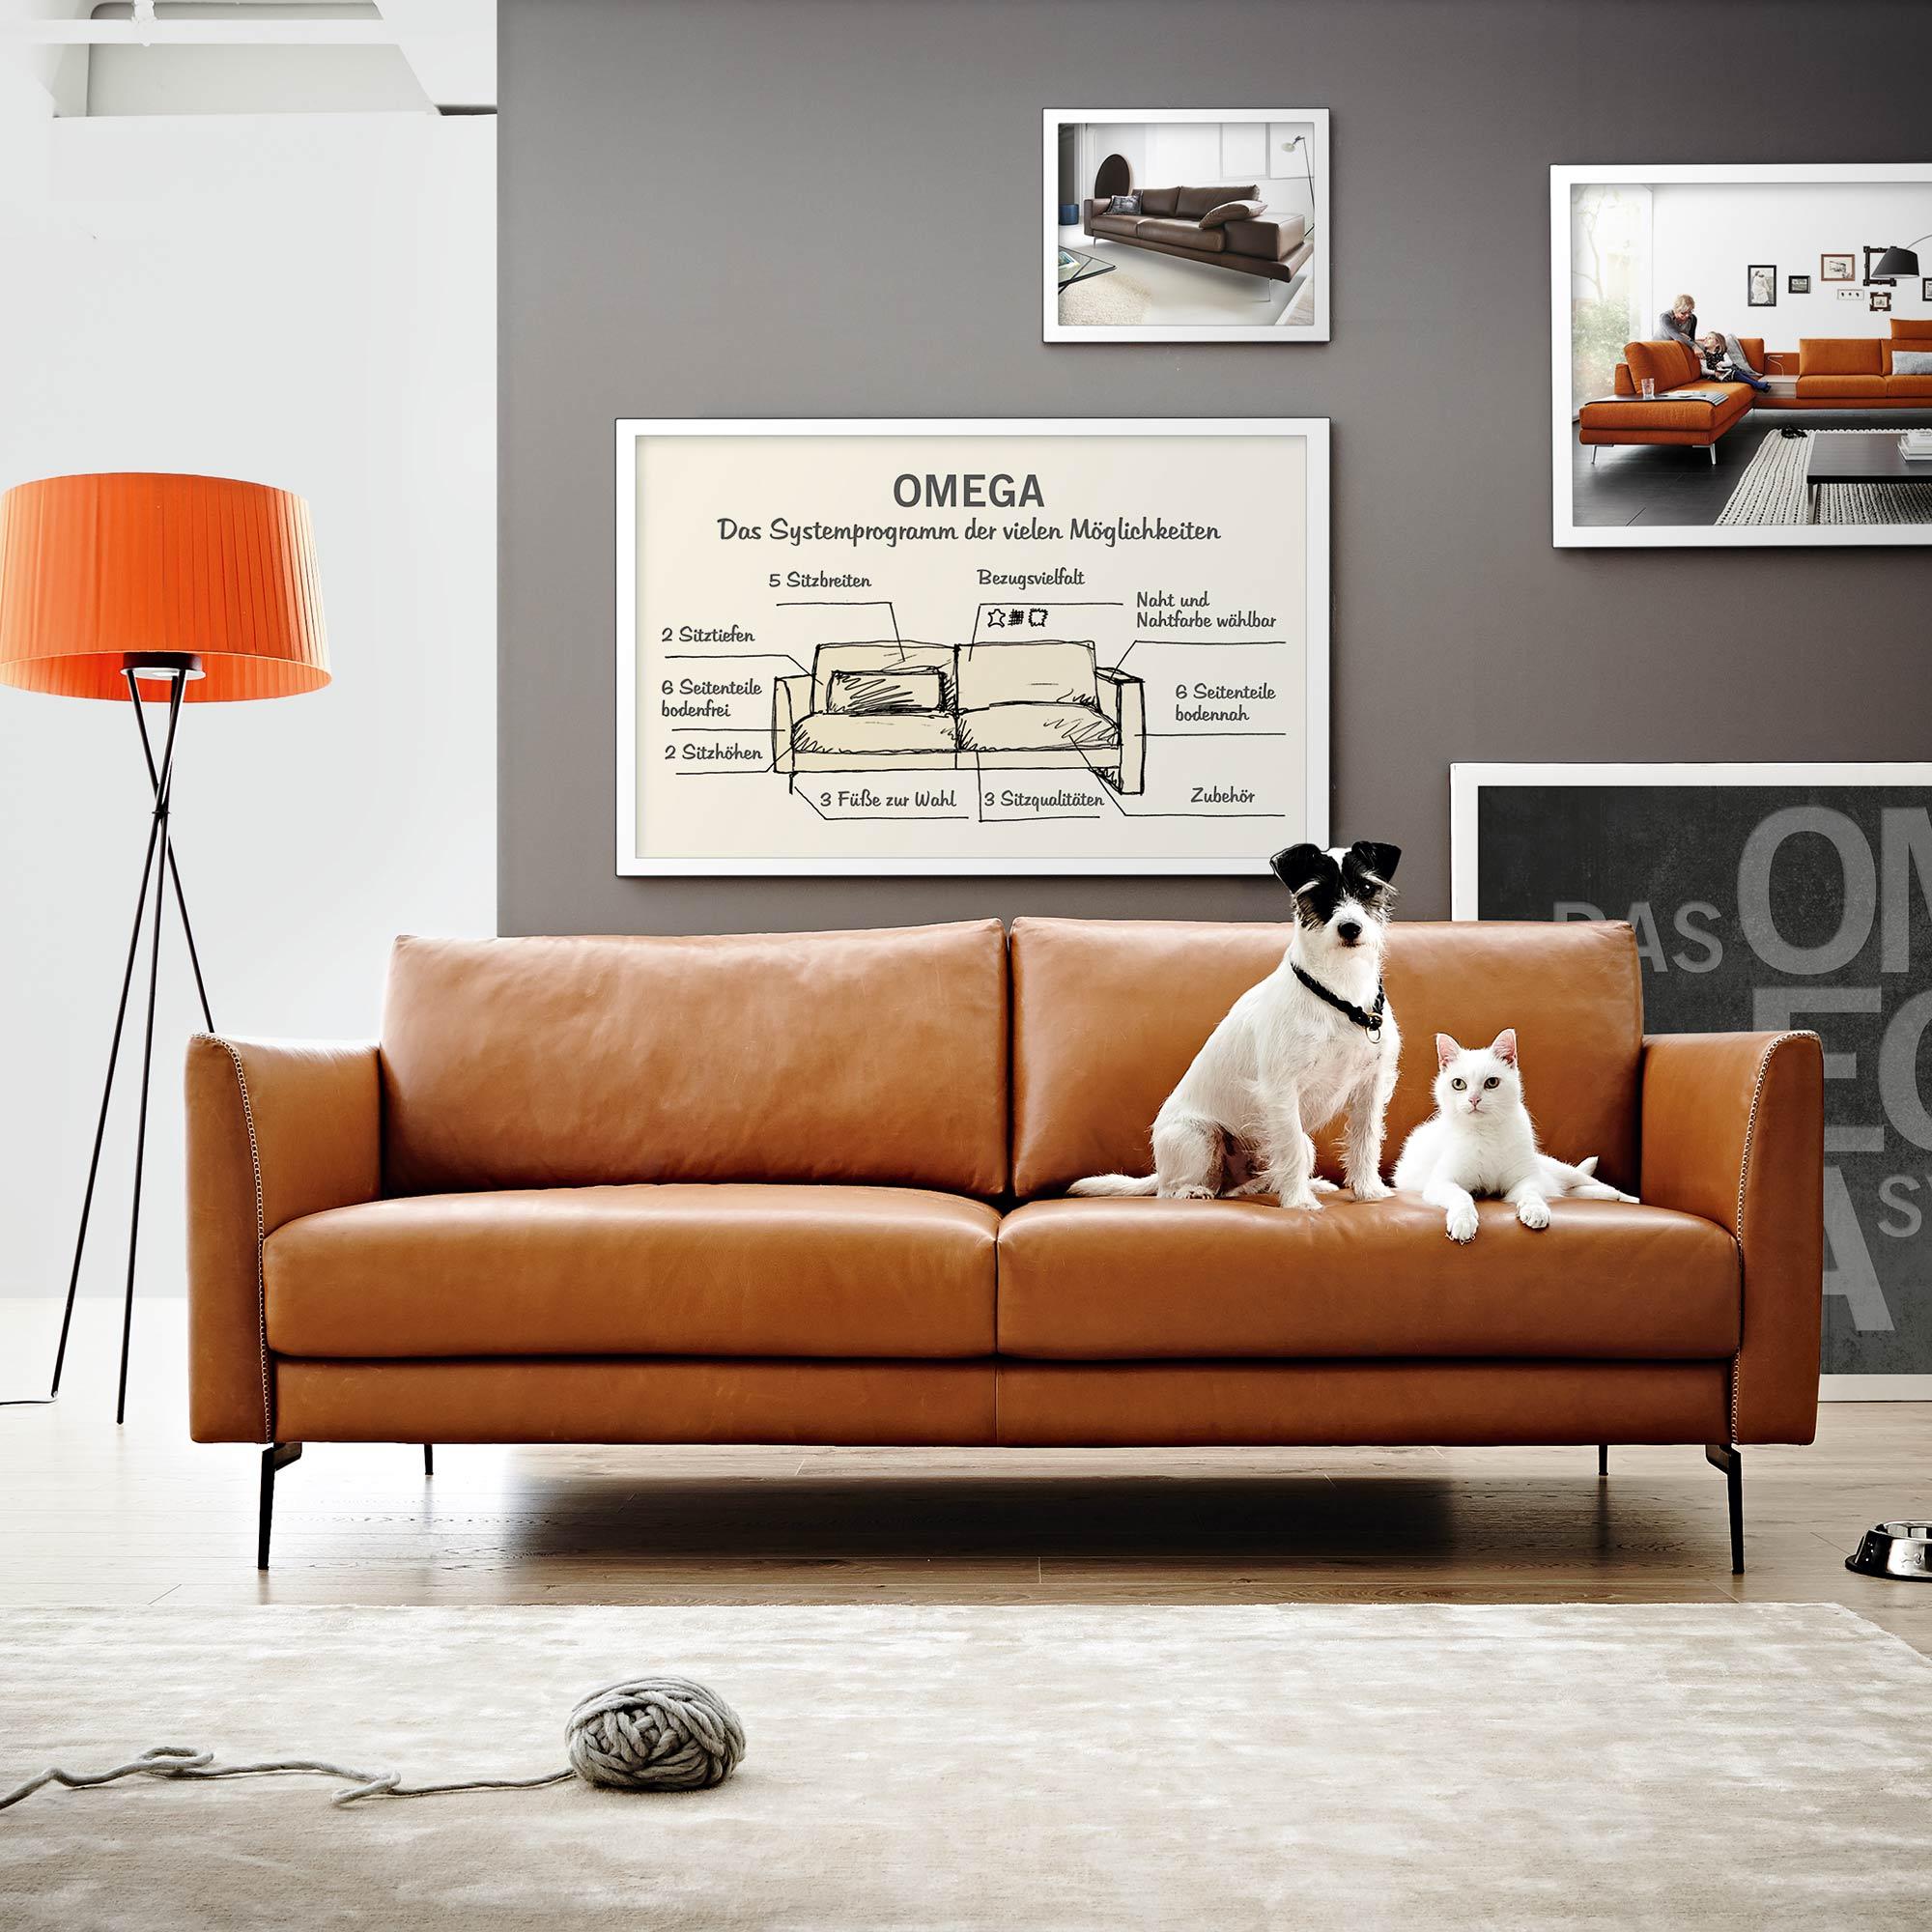 Wunderbar Koinor Möbel Referenz Von Omega Sofa Orange